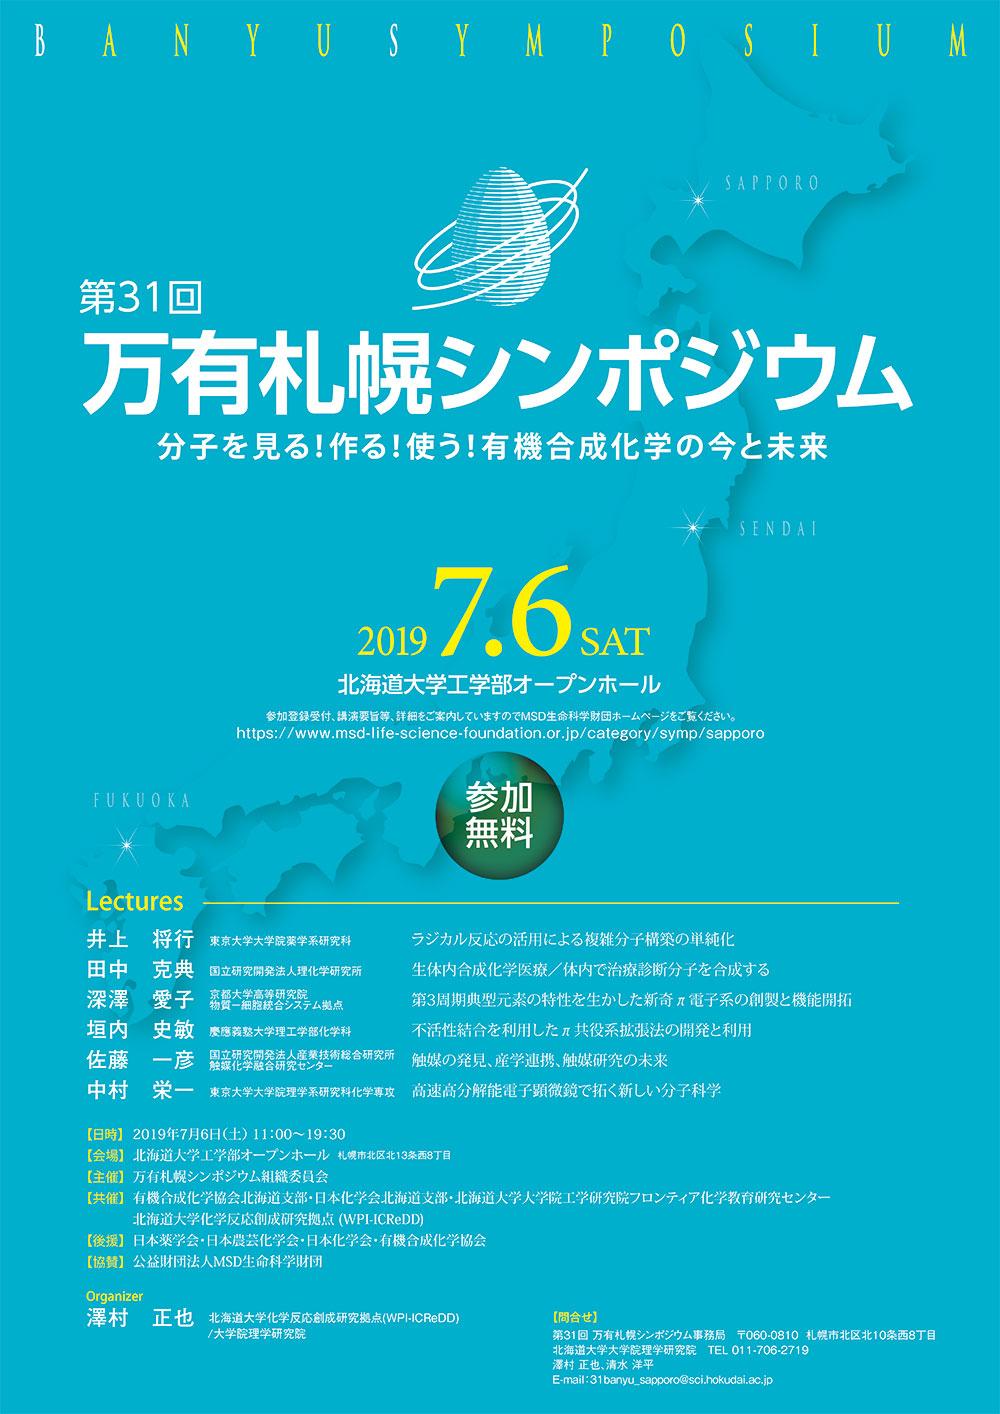 第31回 万有札幌シンポジウム